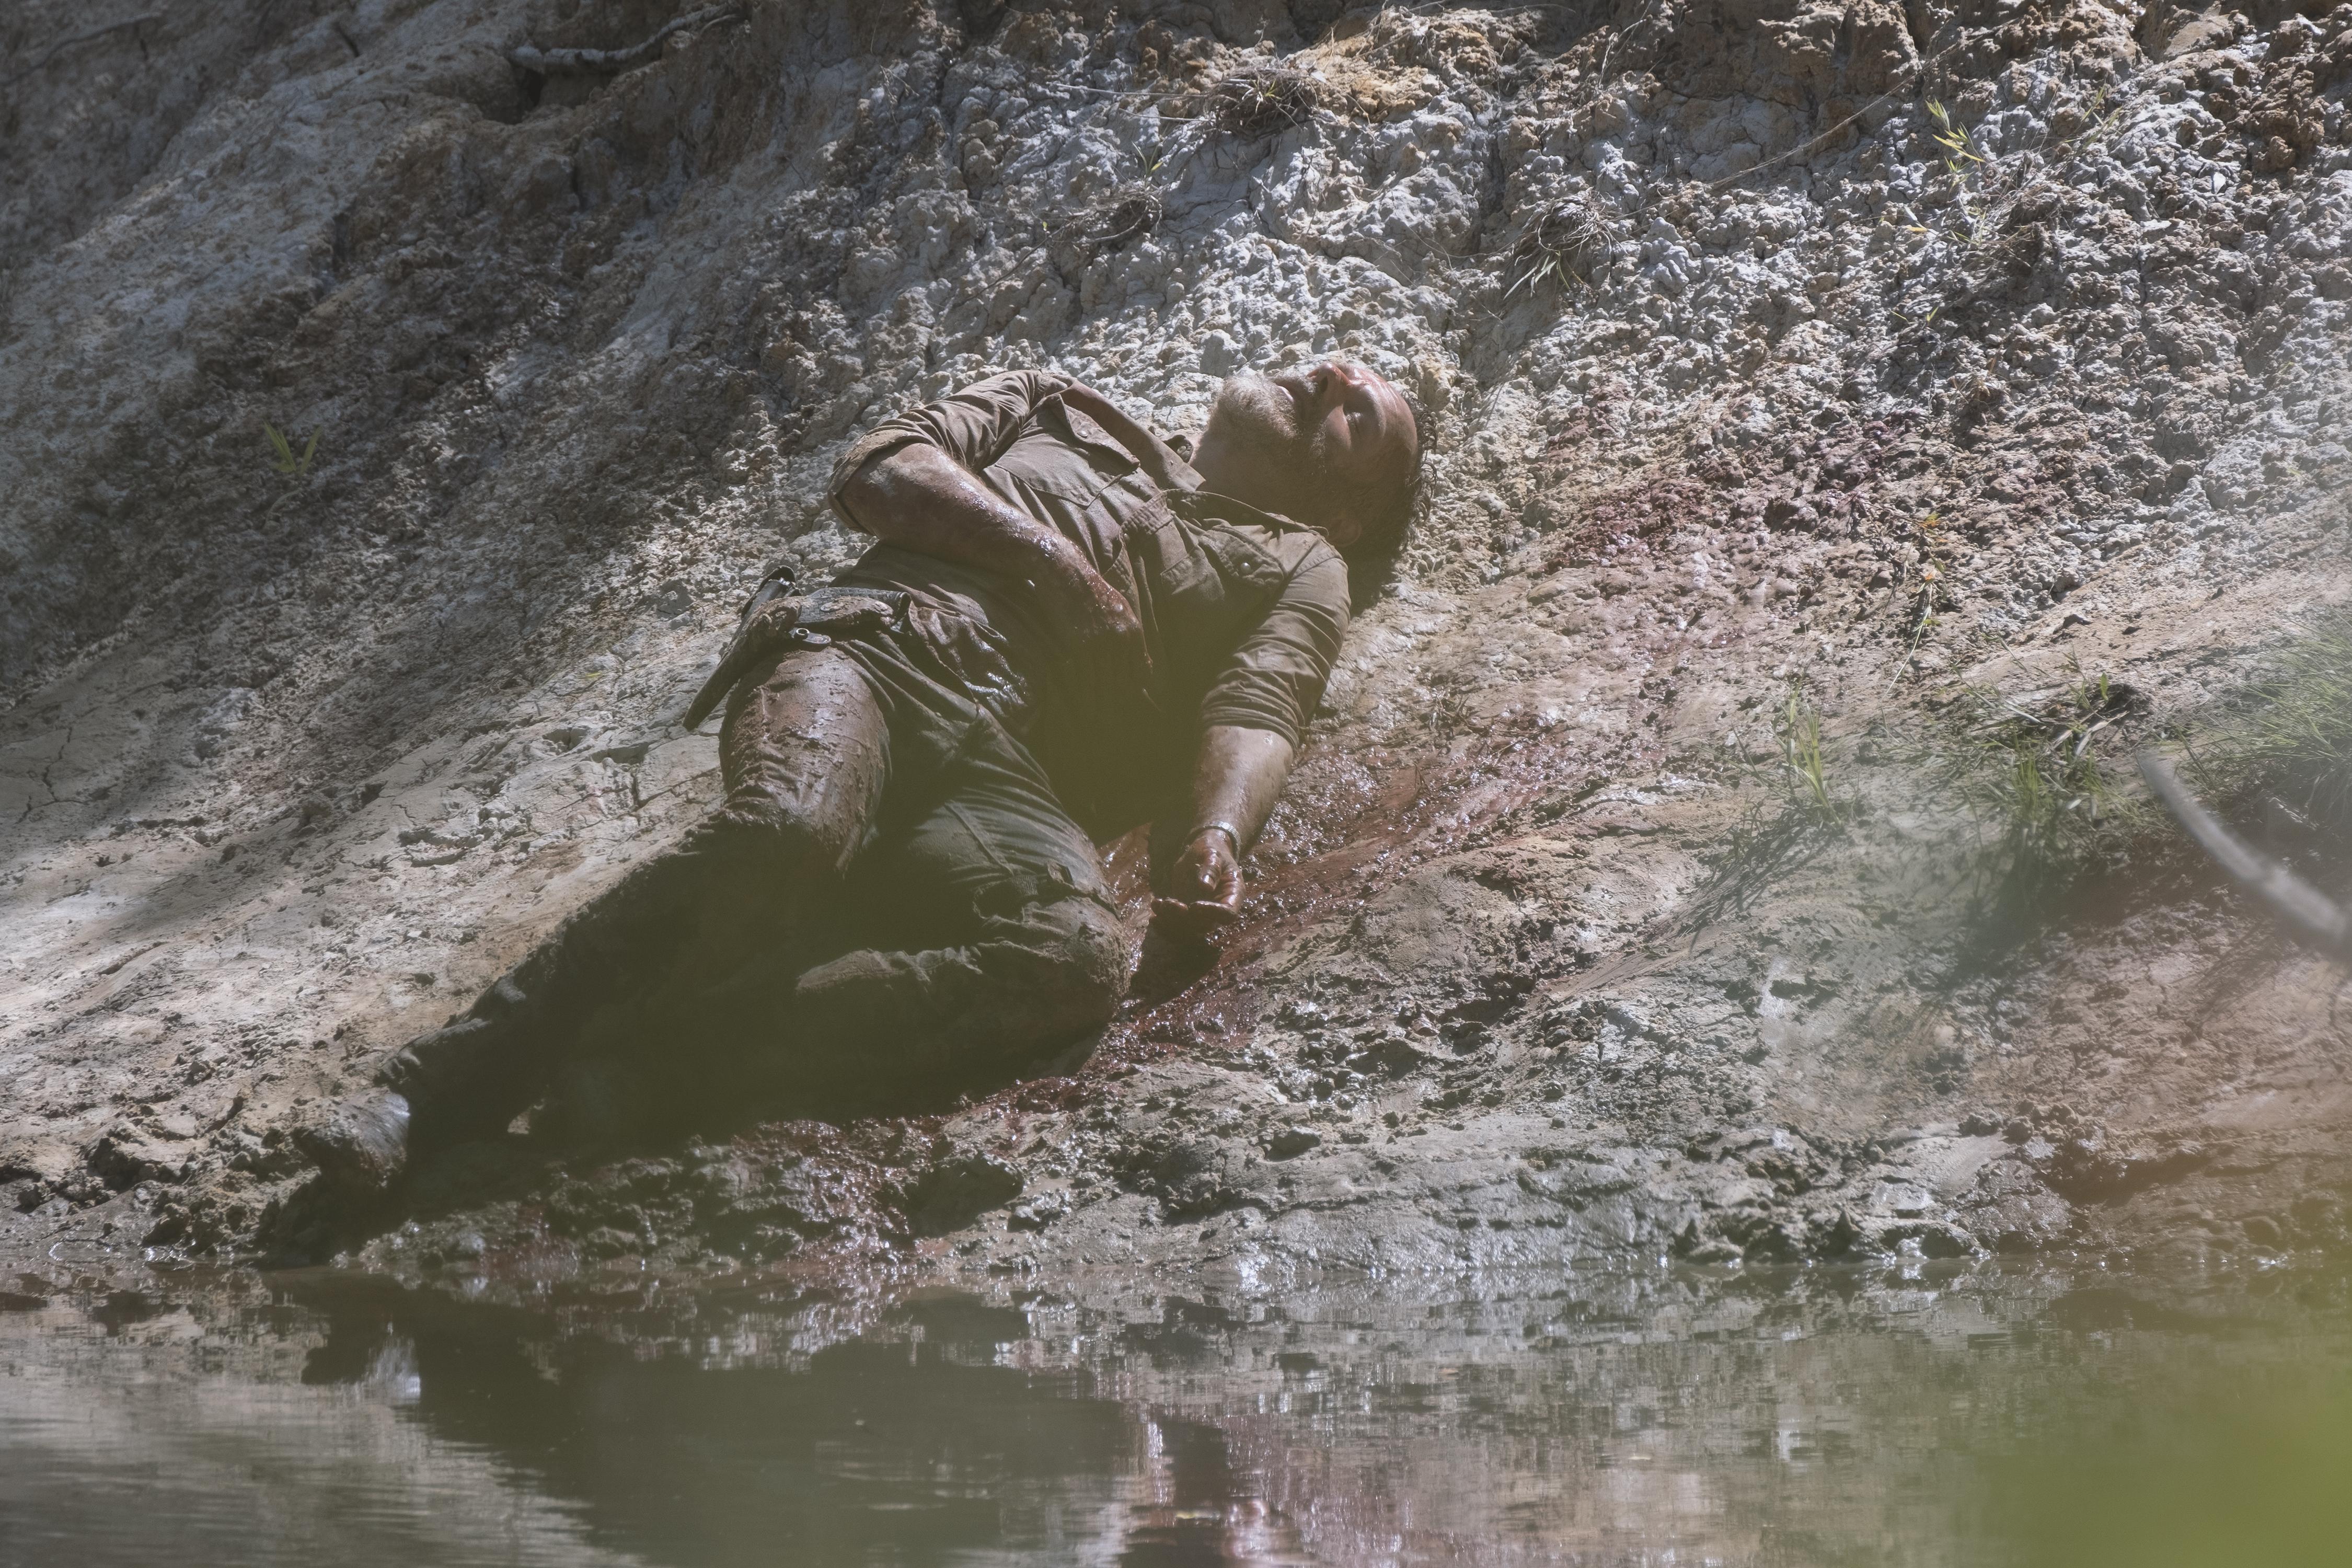 La volonté de fer de Rick Grimes (Andrew Lincoln) lui permet de survivre à l'explosion, de sauver les colonies et de se hisser sur la berge où il perd conscience. - The Walking Dead - Saison 9, Épisode 5 - Crédit photo : Jackson Lee Davis/AMC